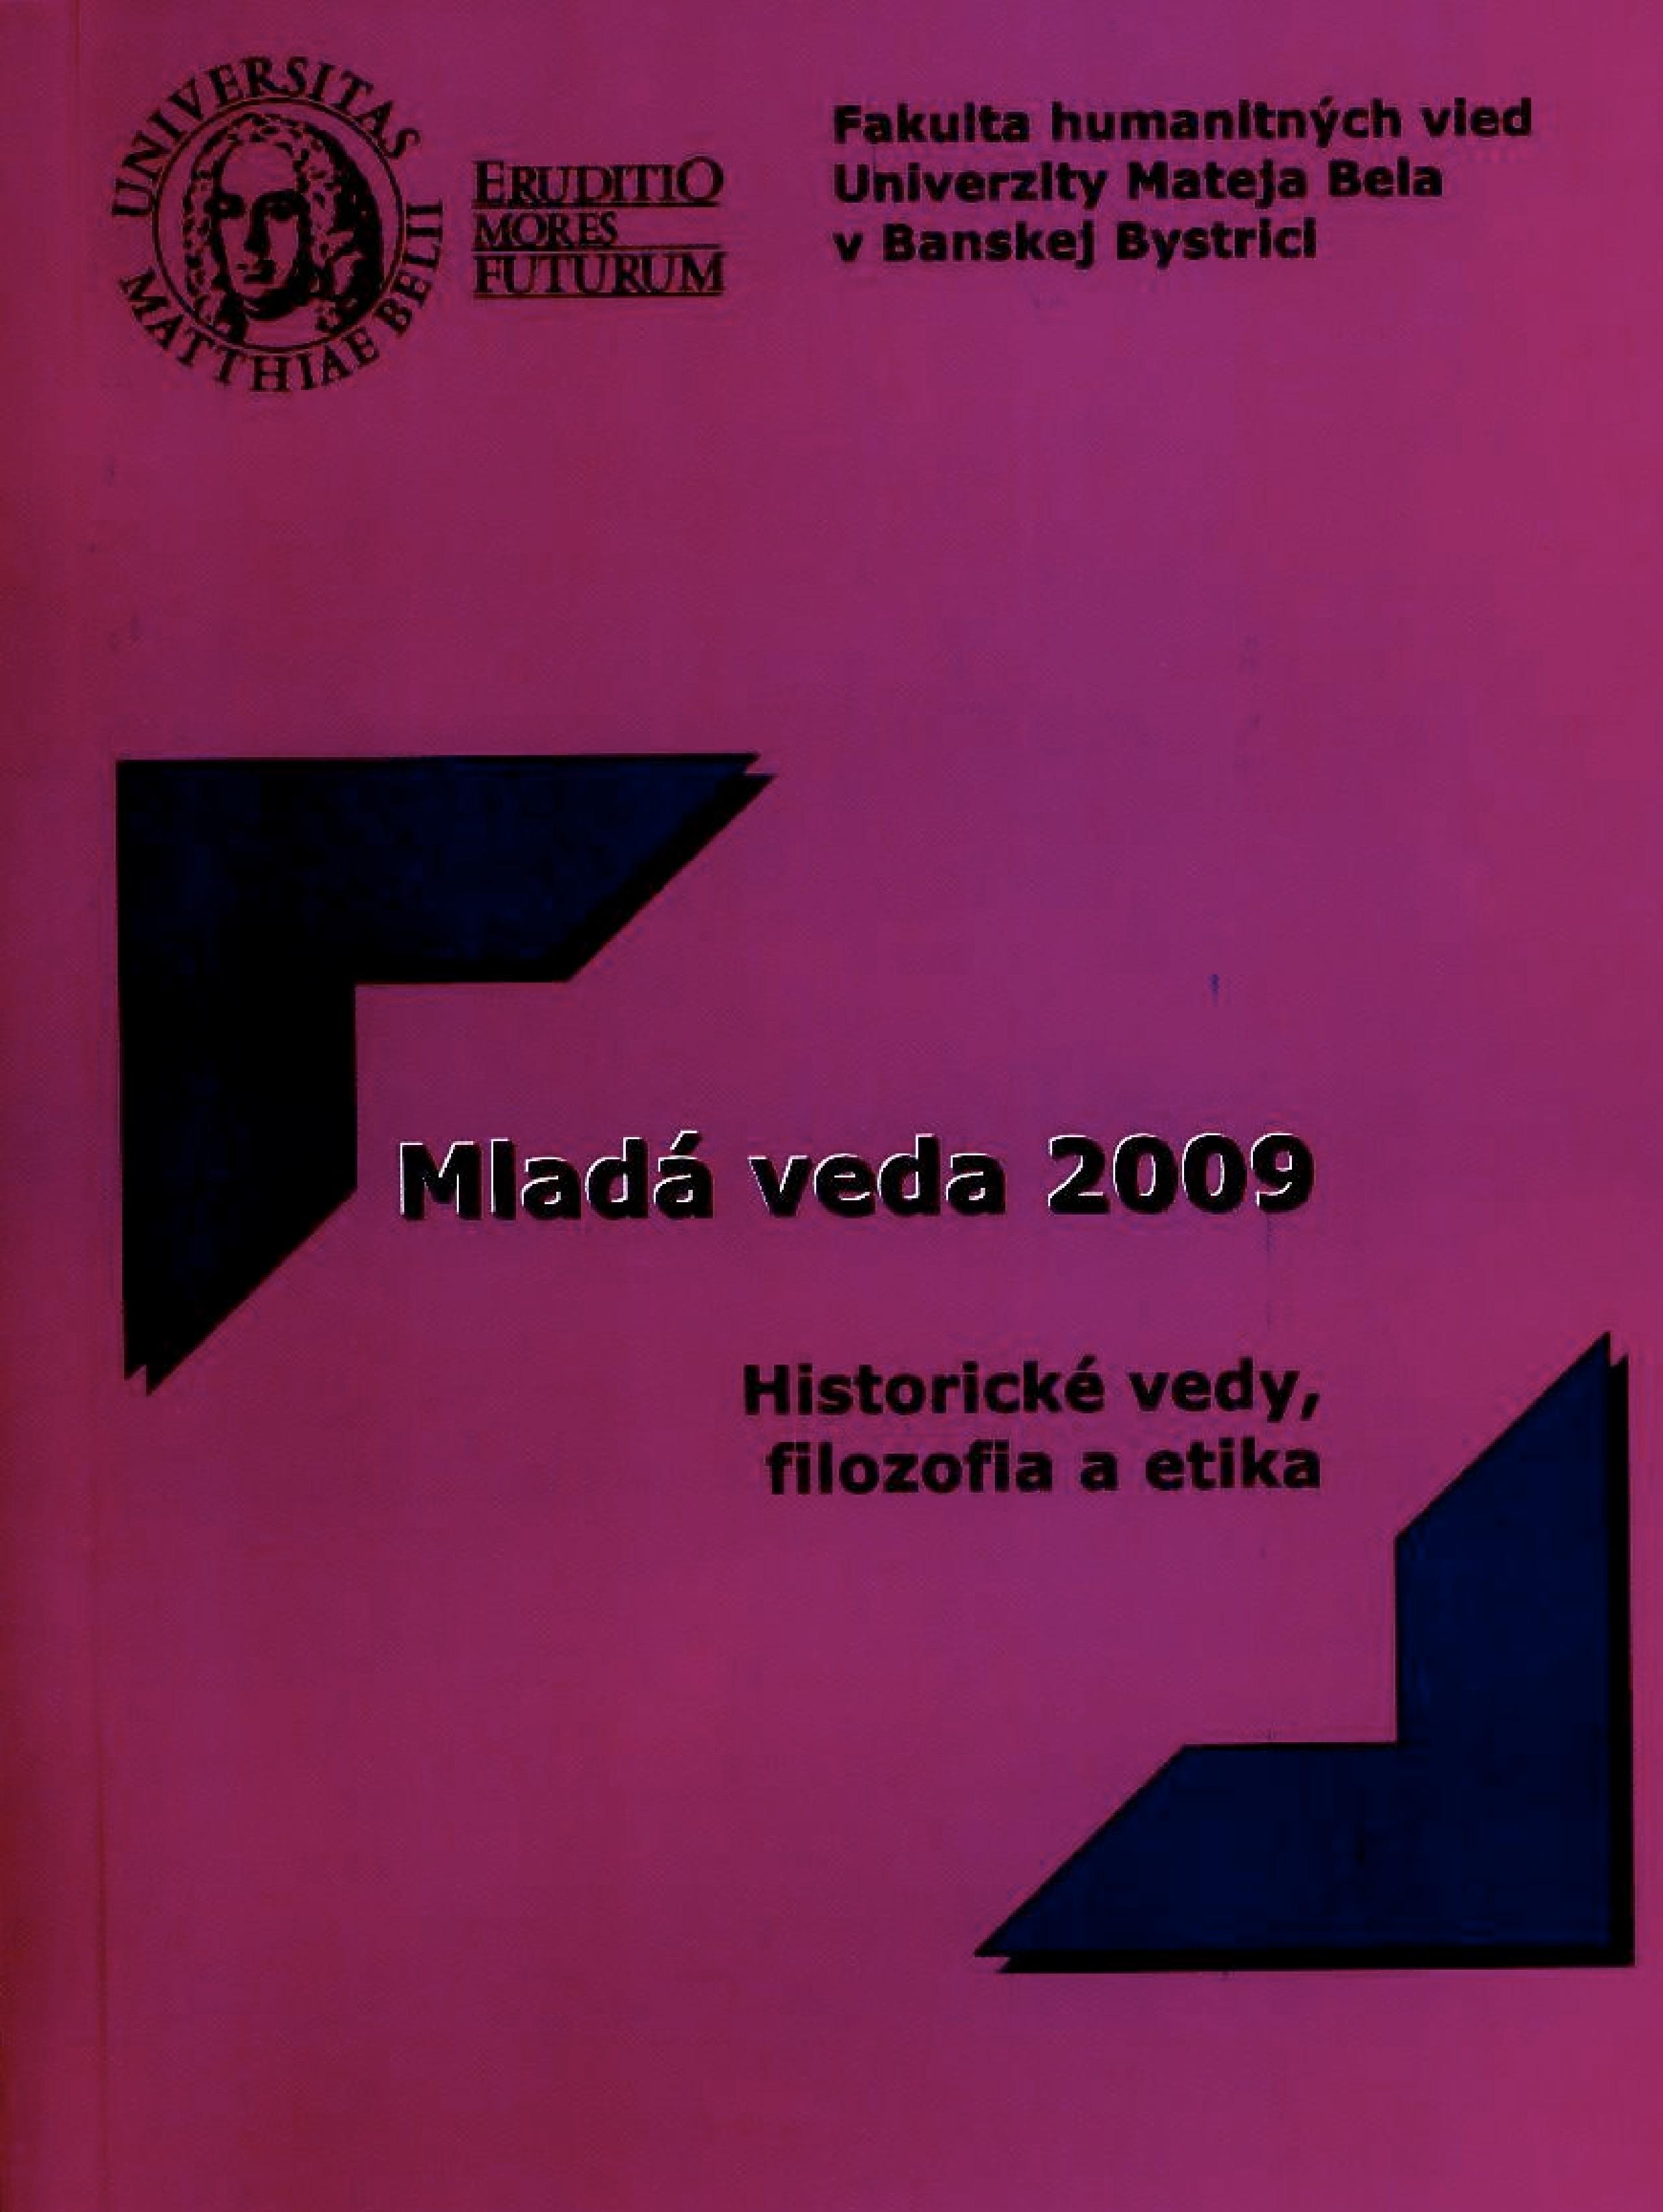 Mladá veda 2009. Historické vedy, filozofia a etika